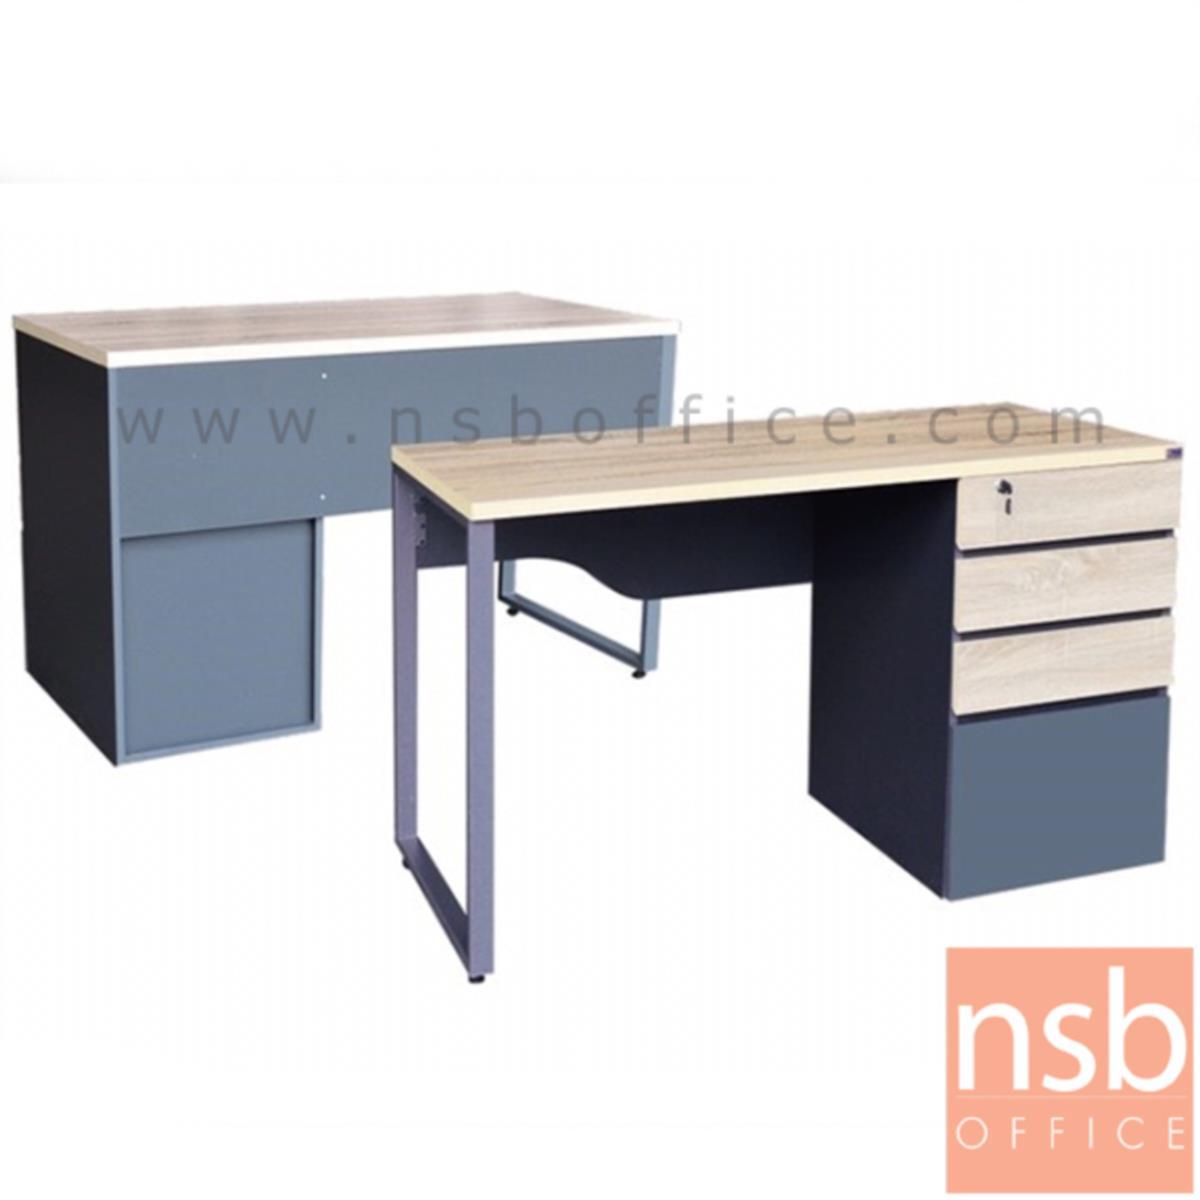 A10A069:โต๊ะทำงาน 4 ลิ้นชัก  รุ่น Armor (อาร์เมอร์) ขนาด 120W cm. ขาเหล็ก  สีโซลิคตัดเทาเข้มหรือสีมูจิตัดเทาเข้ม